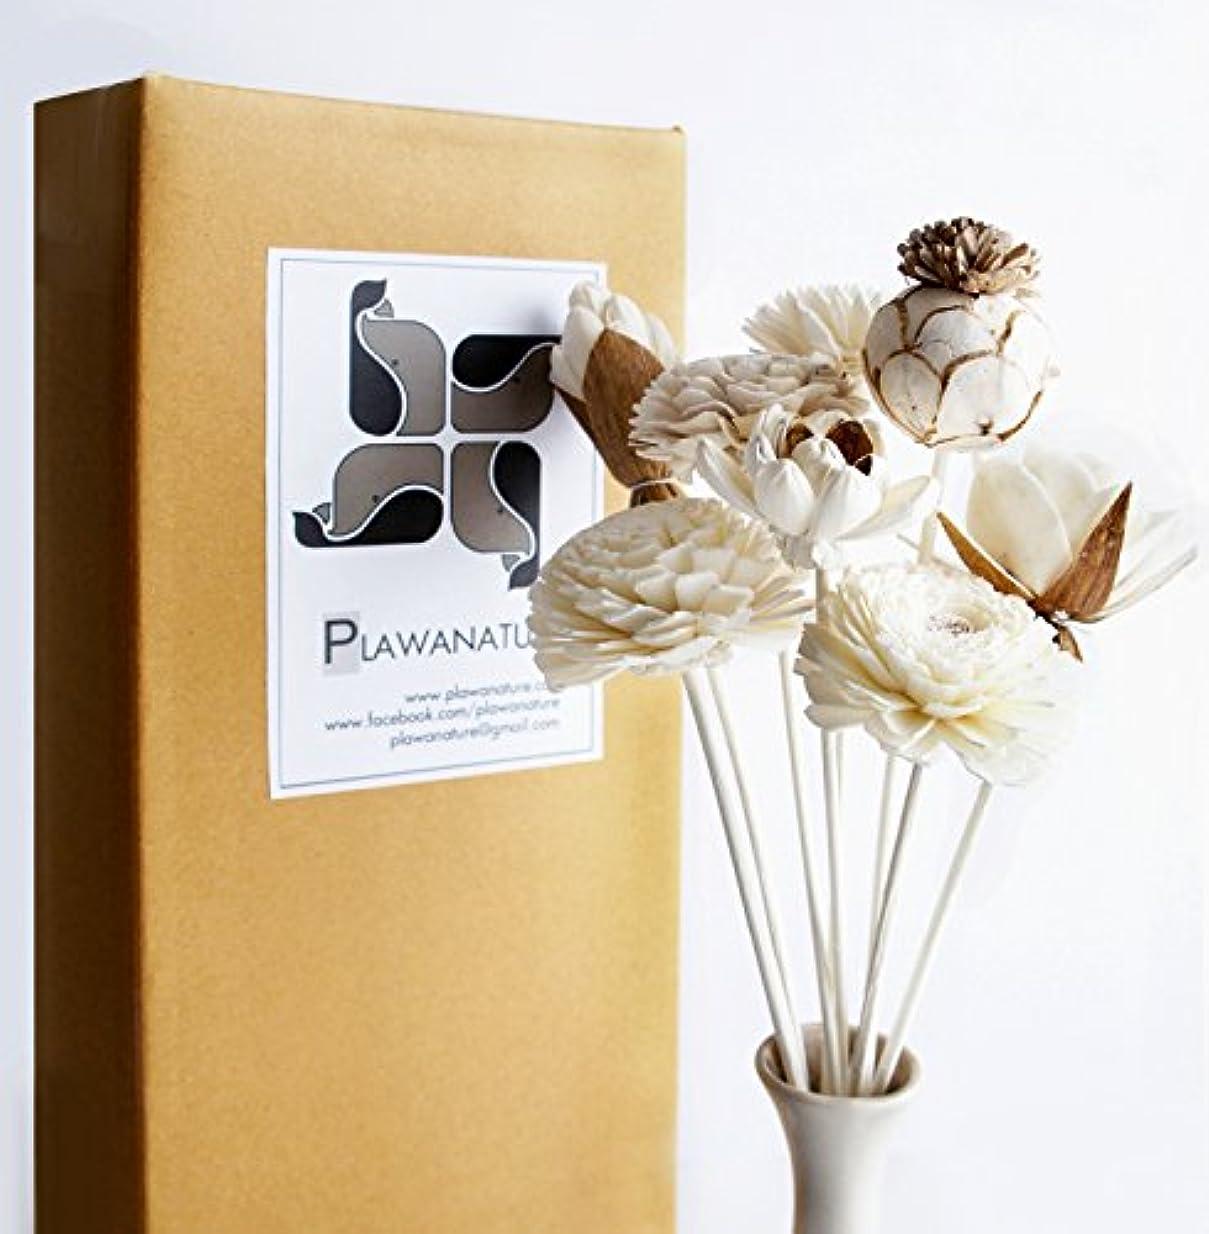 全能口実打ち上げるエキゾチックPlawanatureのセット8ミックスSola Wood Flower with Reed Diffuser for Home Fragranceアロマオイル。